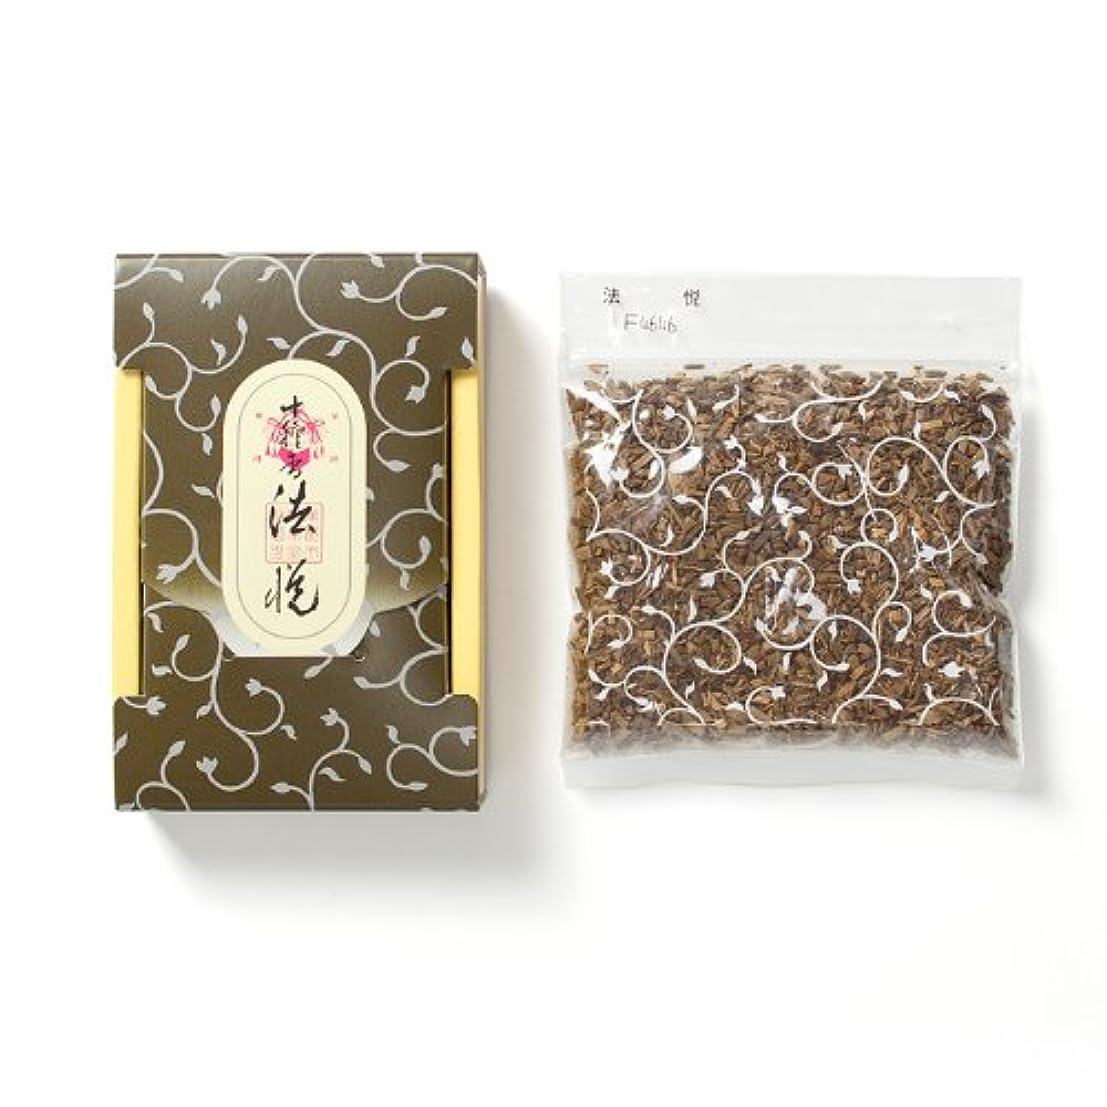 線形退屈ポイント松栄堂のお焼香 十種香 法悦 25g詰 小箱入 #411041